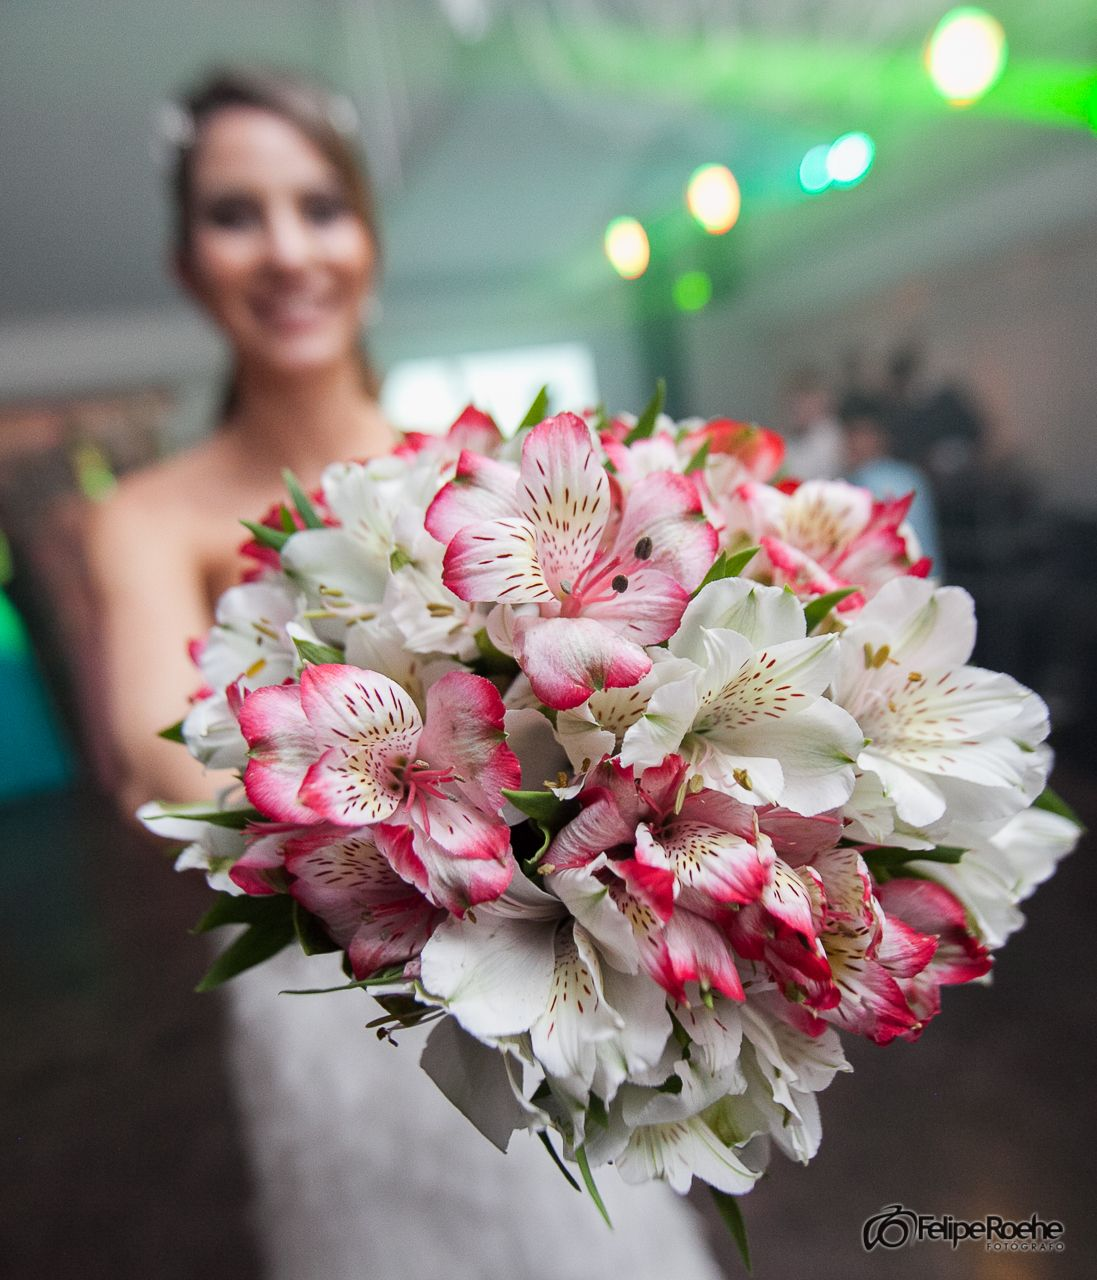 Buque para jogar | Wedding buquet. Casamento Debora e Felippo